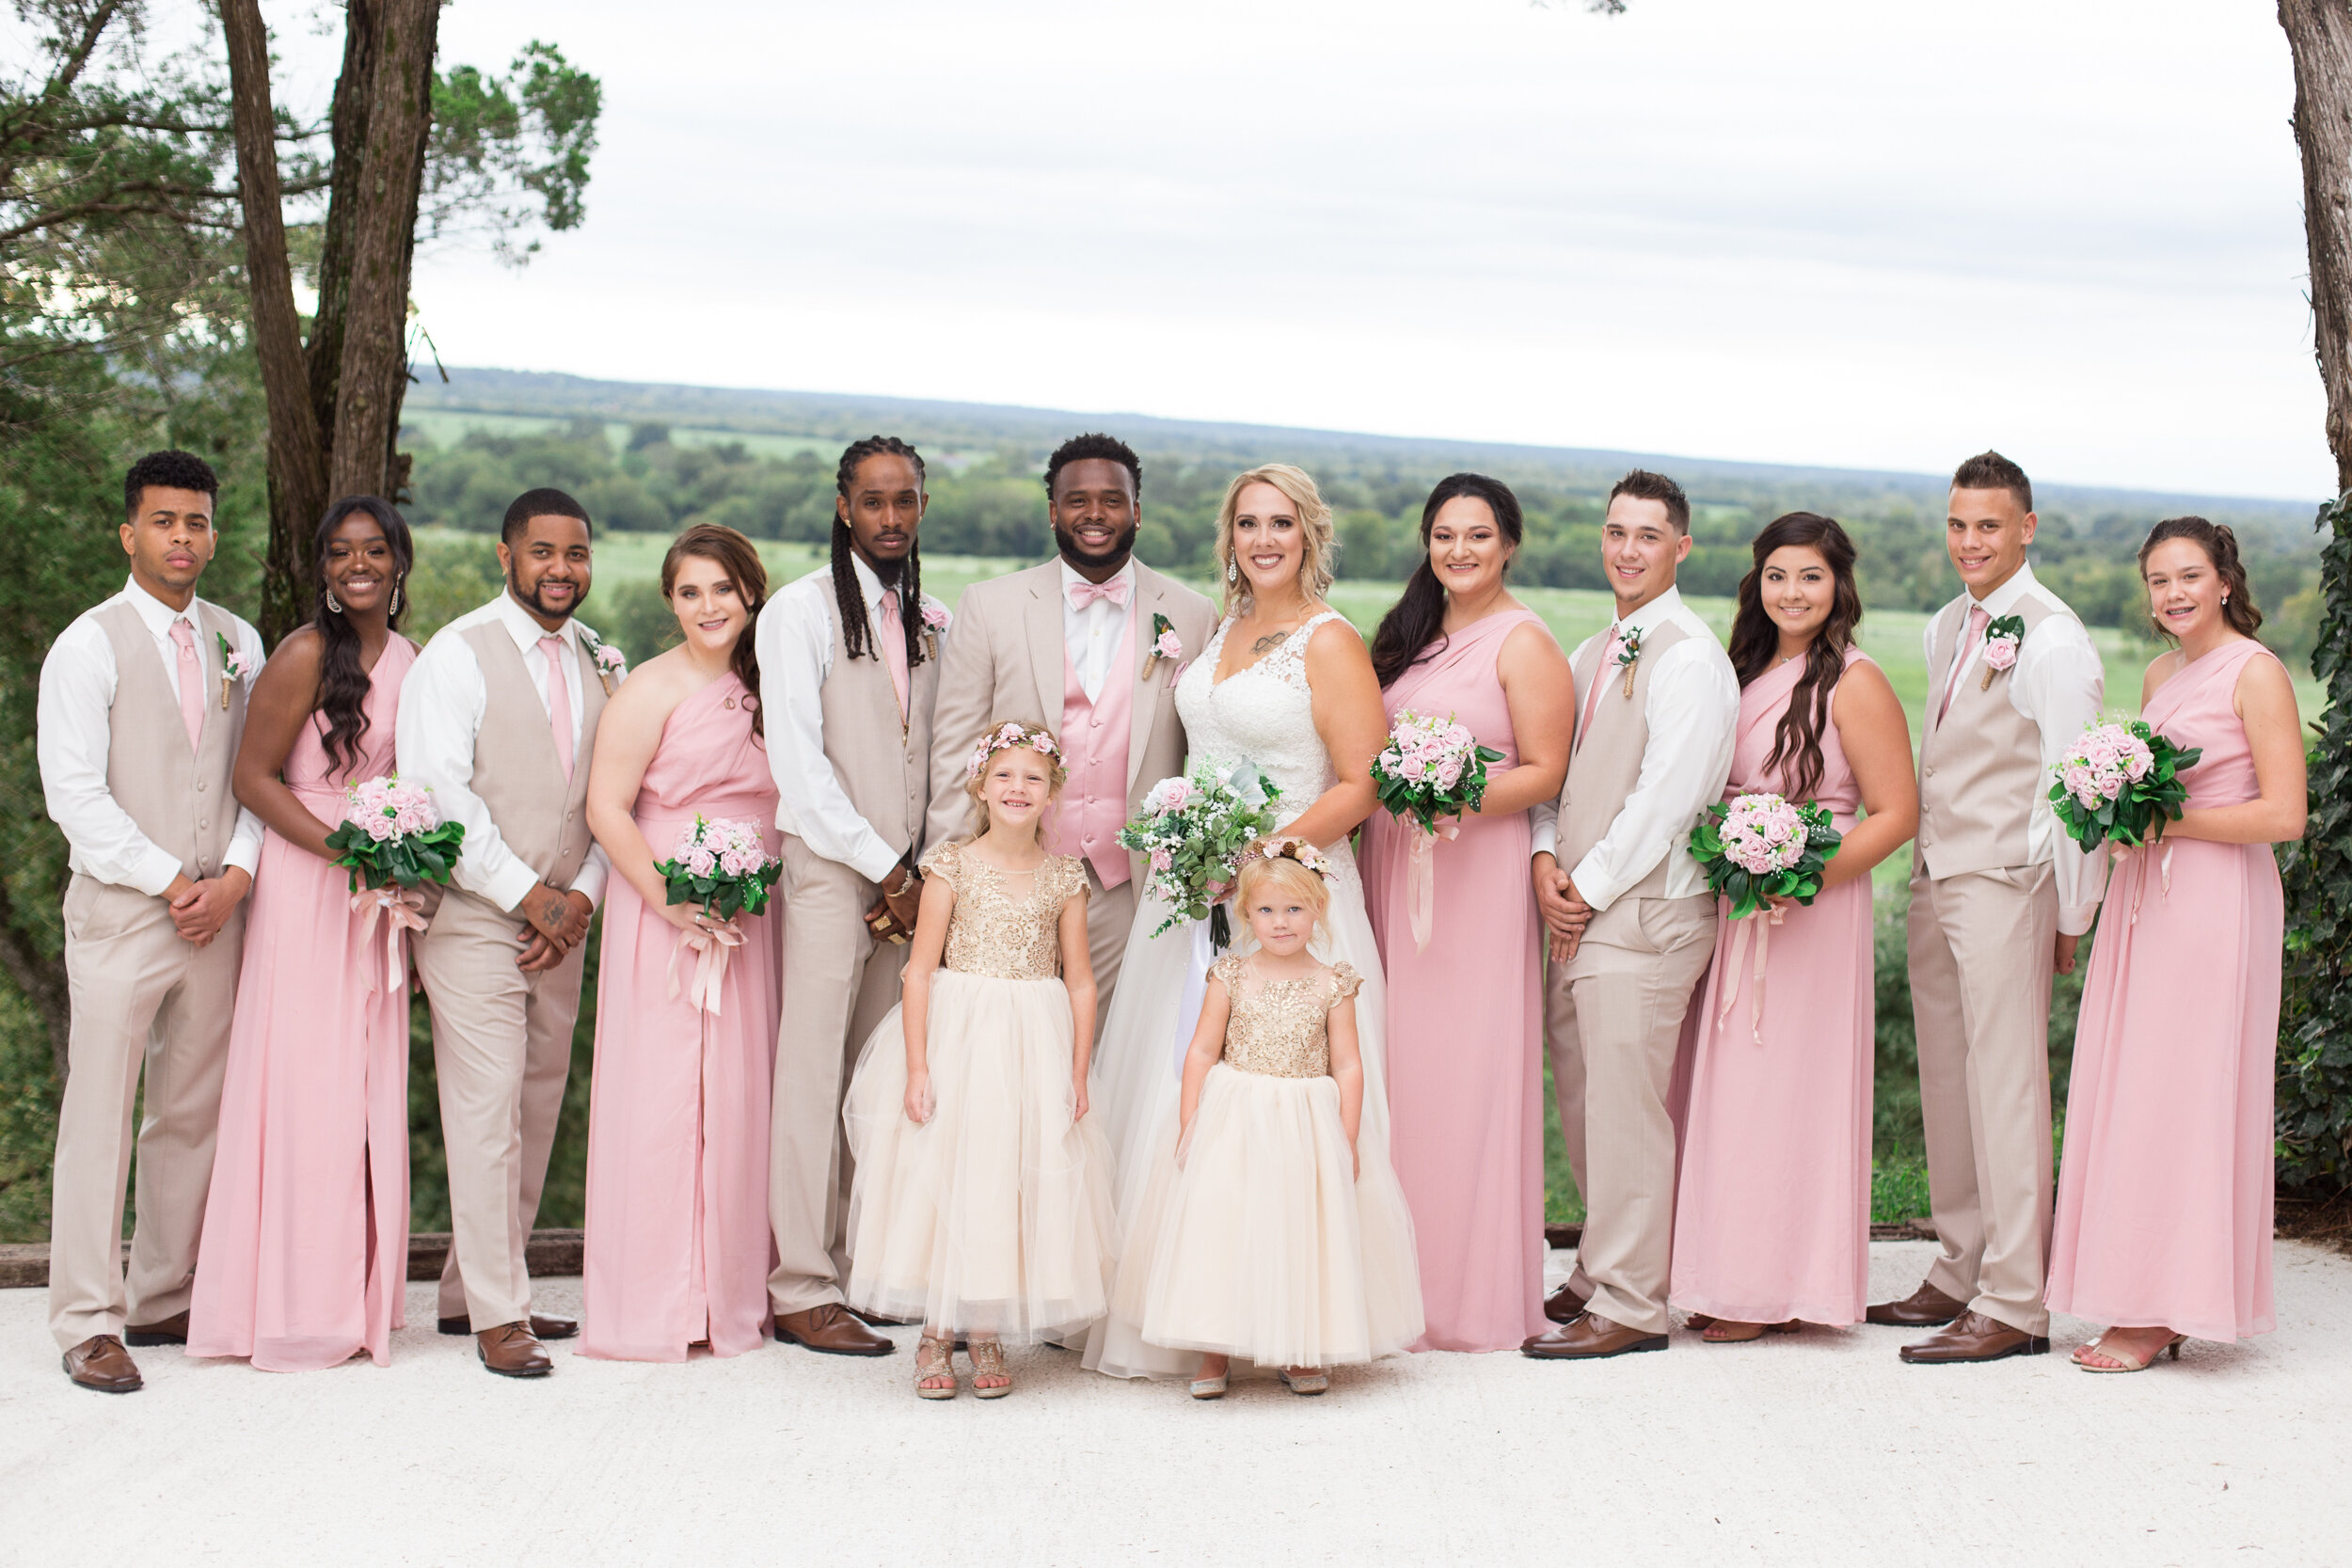 Emanuel-Wedding_kelsiehendricksphotography-41.jpg